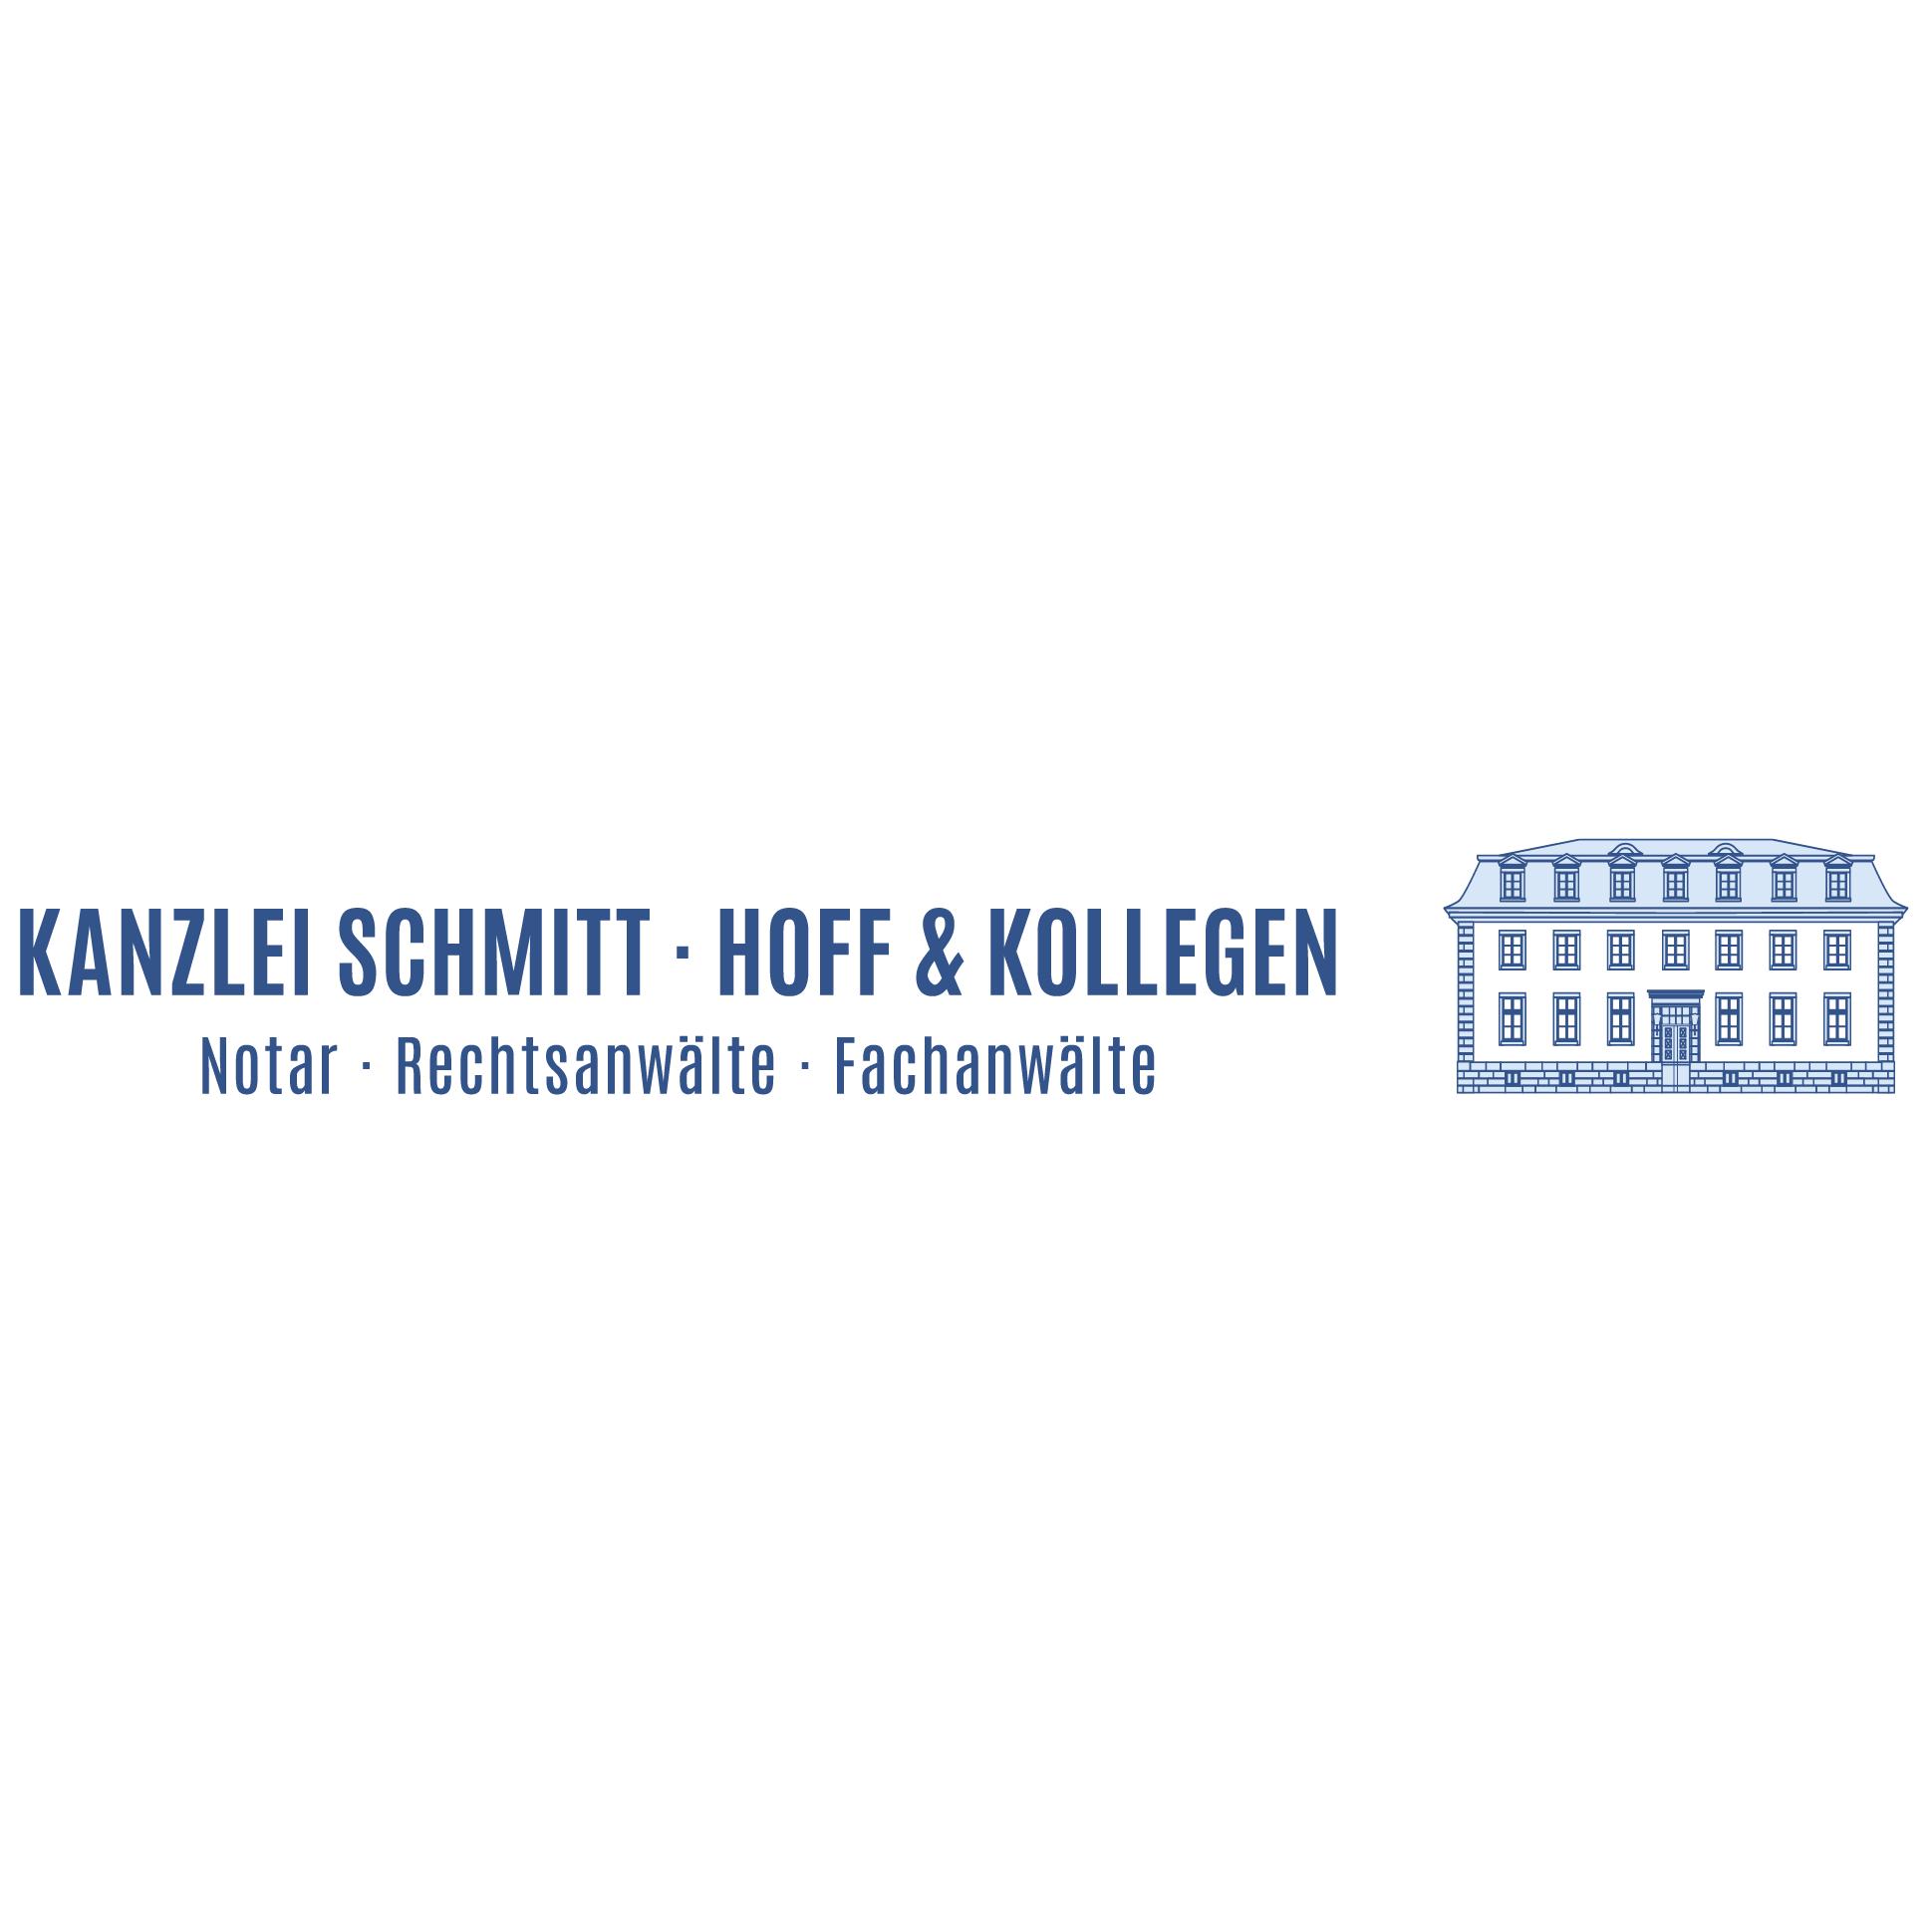 Logo von Kanzlei Schmitt • Hoff & Kollegen